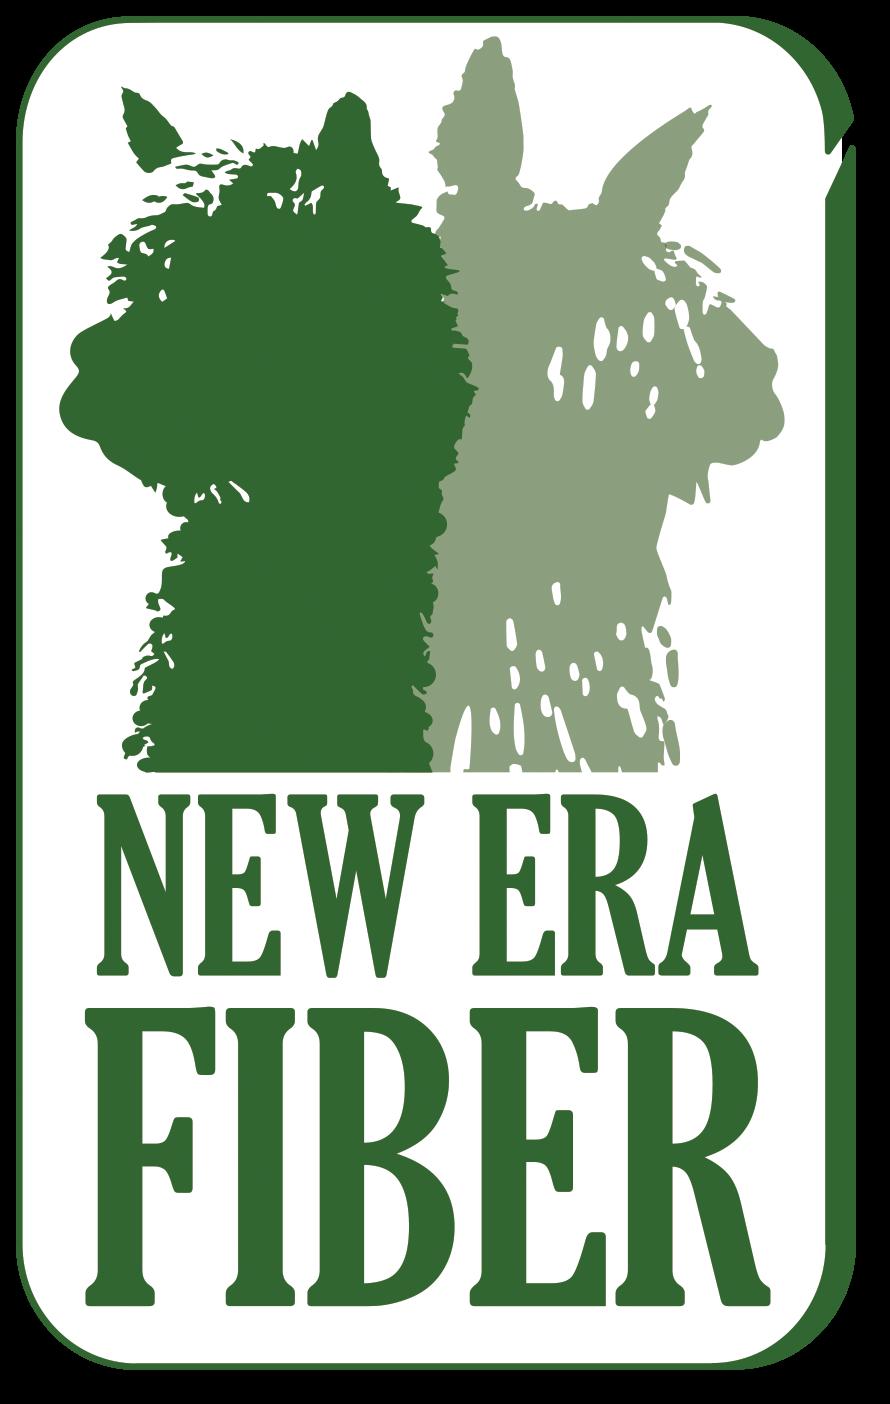 New Era Fiber